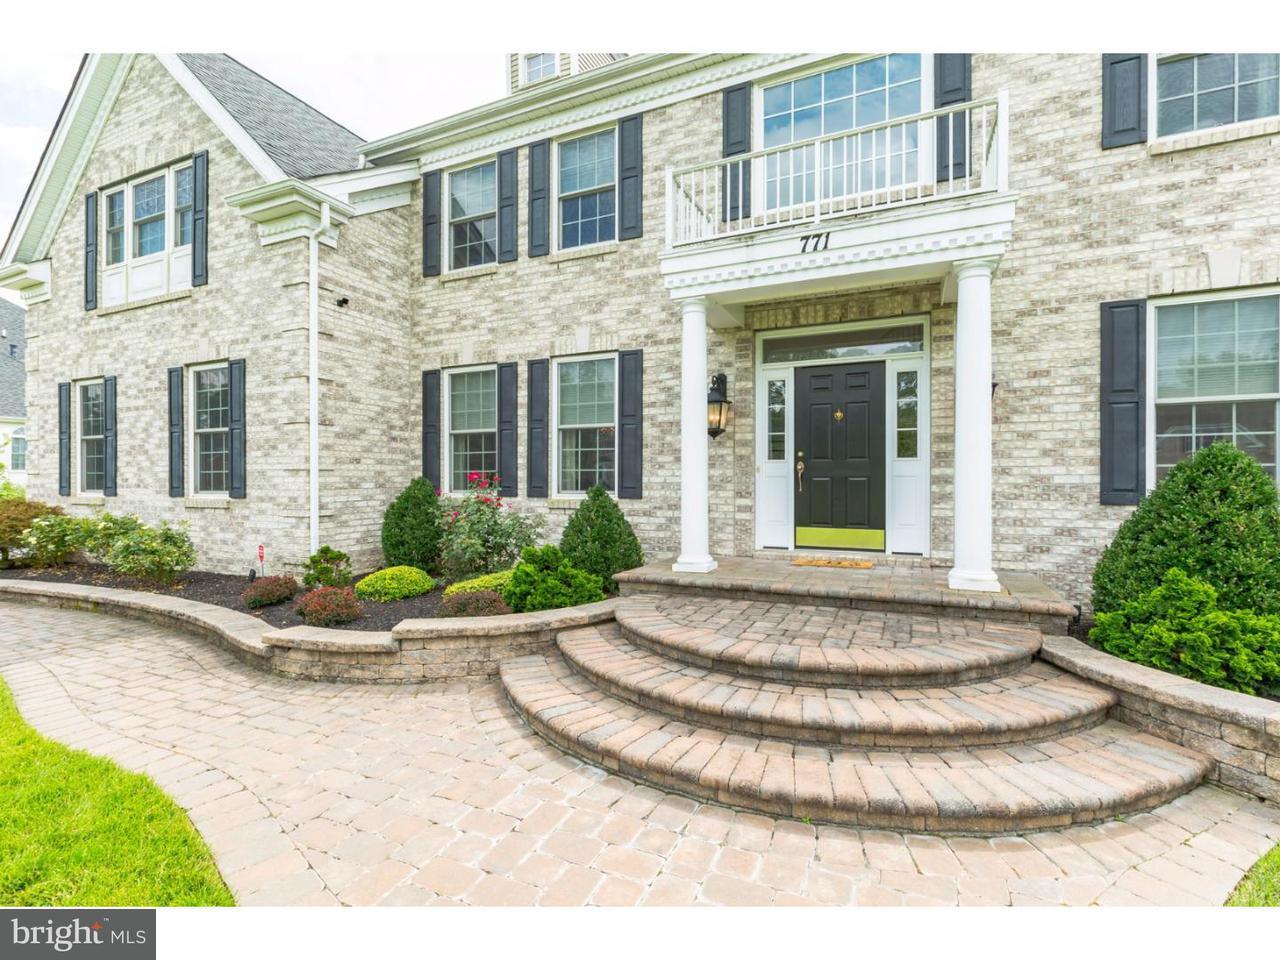 Maison unifamiliale pour l à louer à 771 RACHEL Drive Franklinville, New Jersey 08322 États-UnisDans/Autour: Franklin Twp